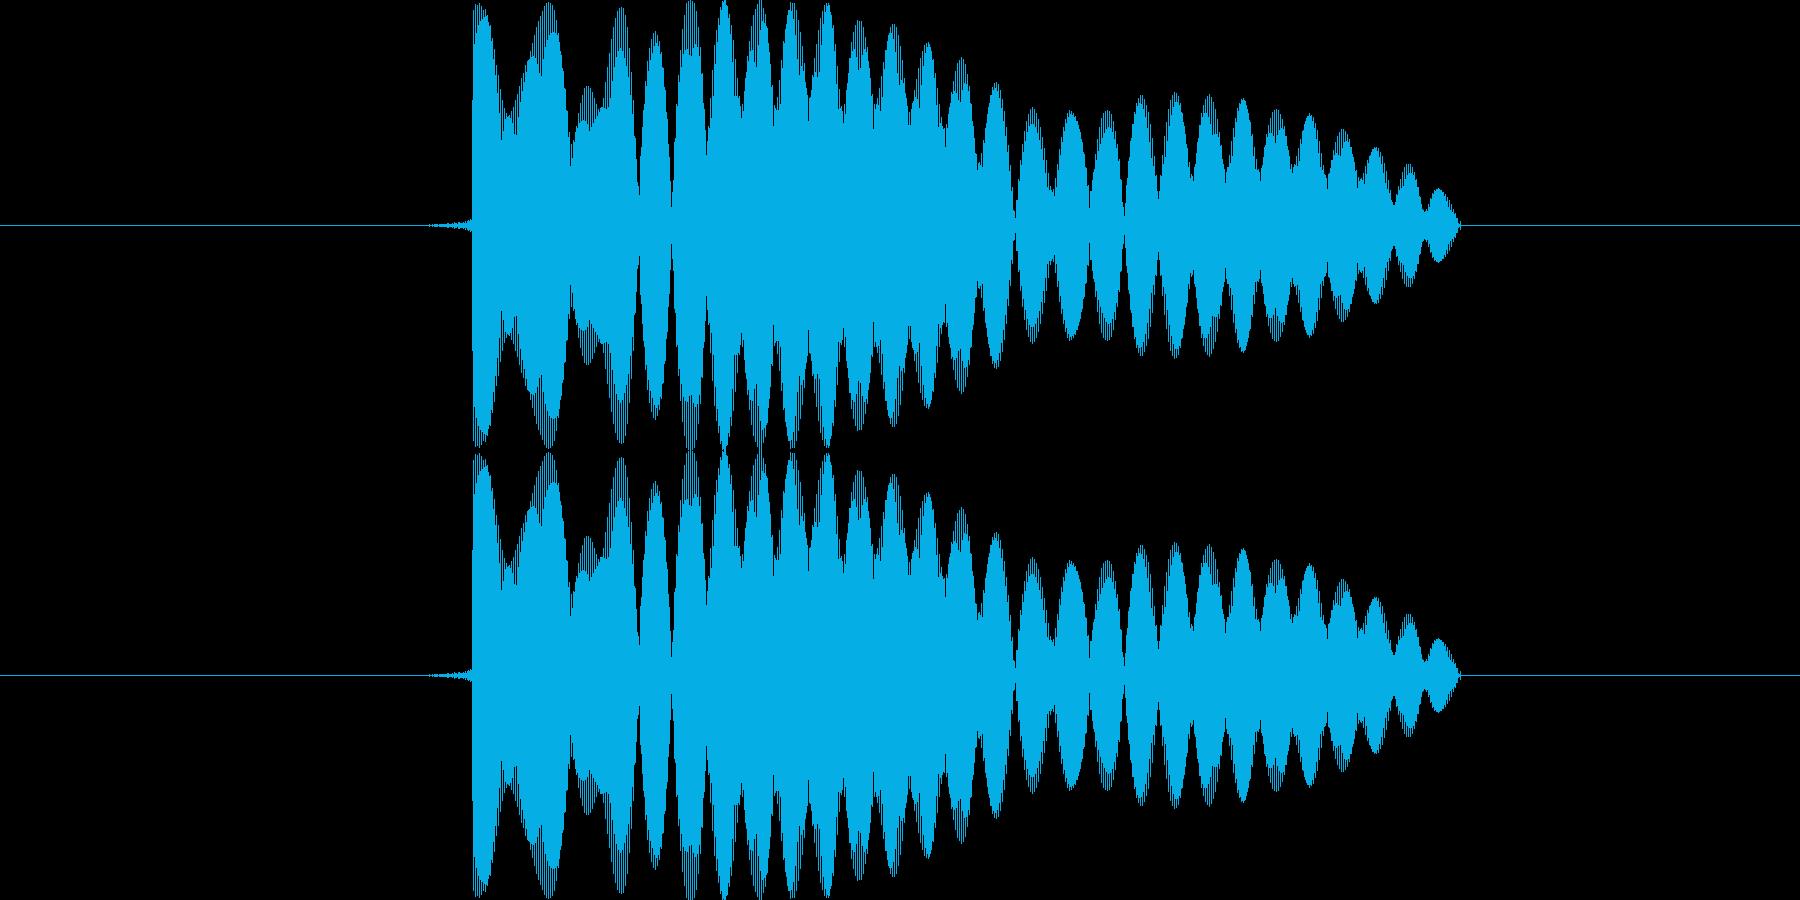 アプリ等で選択や決定をした時の音の再生済みの波形